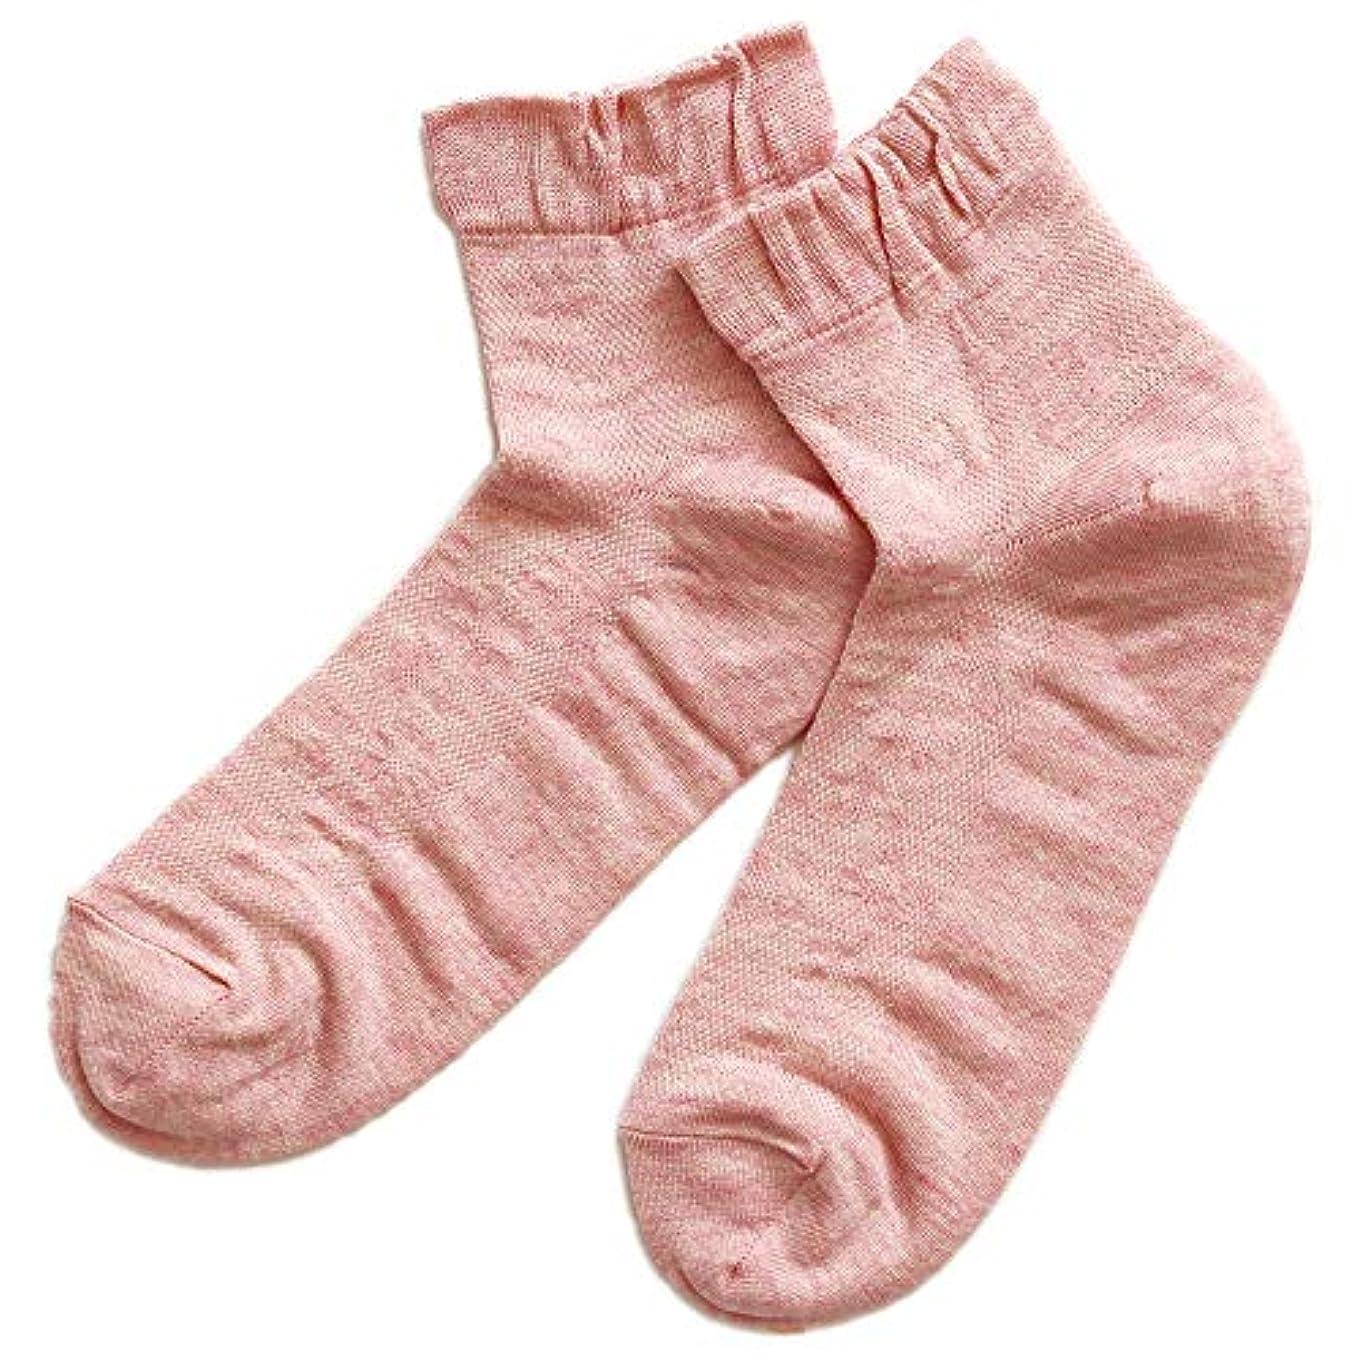 ゲインセイシリンダー膿瘍温むすび かかとケア靴下 【足うら美人メッシュタイプ 女性用 22~24cm ピンク】 ひび割れ ケア 夏用